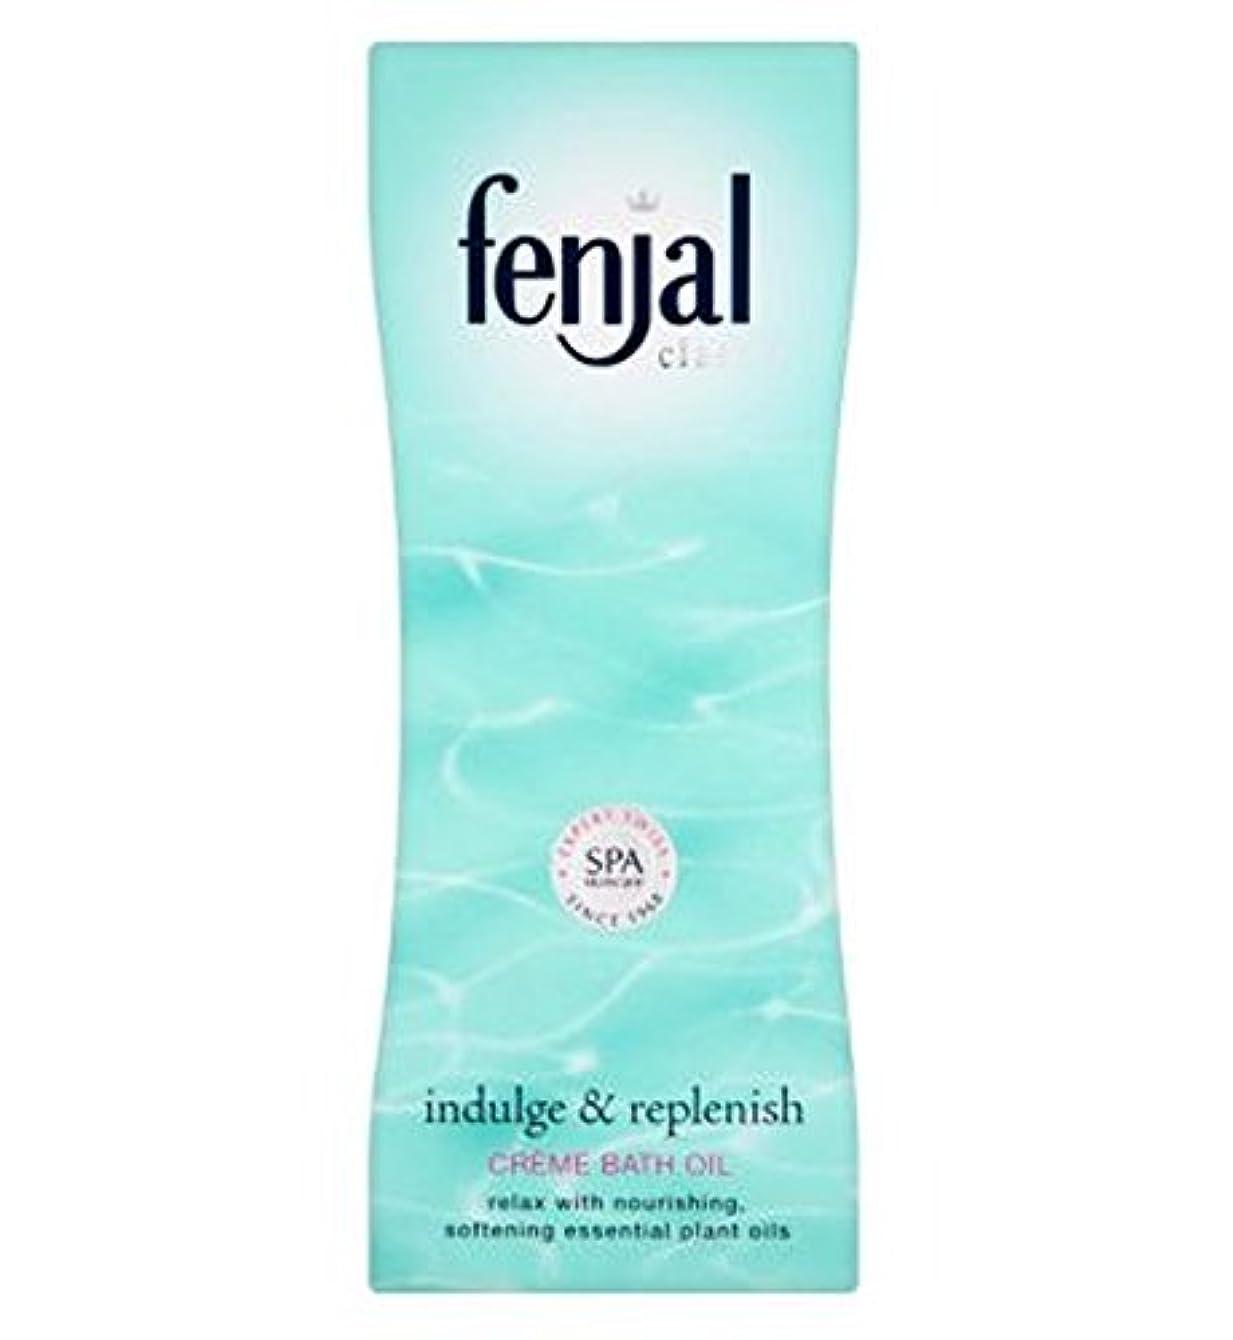 砂マイクロプロセッサメンテナンスFenjal古典的な高級クリームバスオイル (Fenjal) (x2) - Fenjal Classic Luxury Creme Bath Oil (Pack of 2) [並行輸入品]